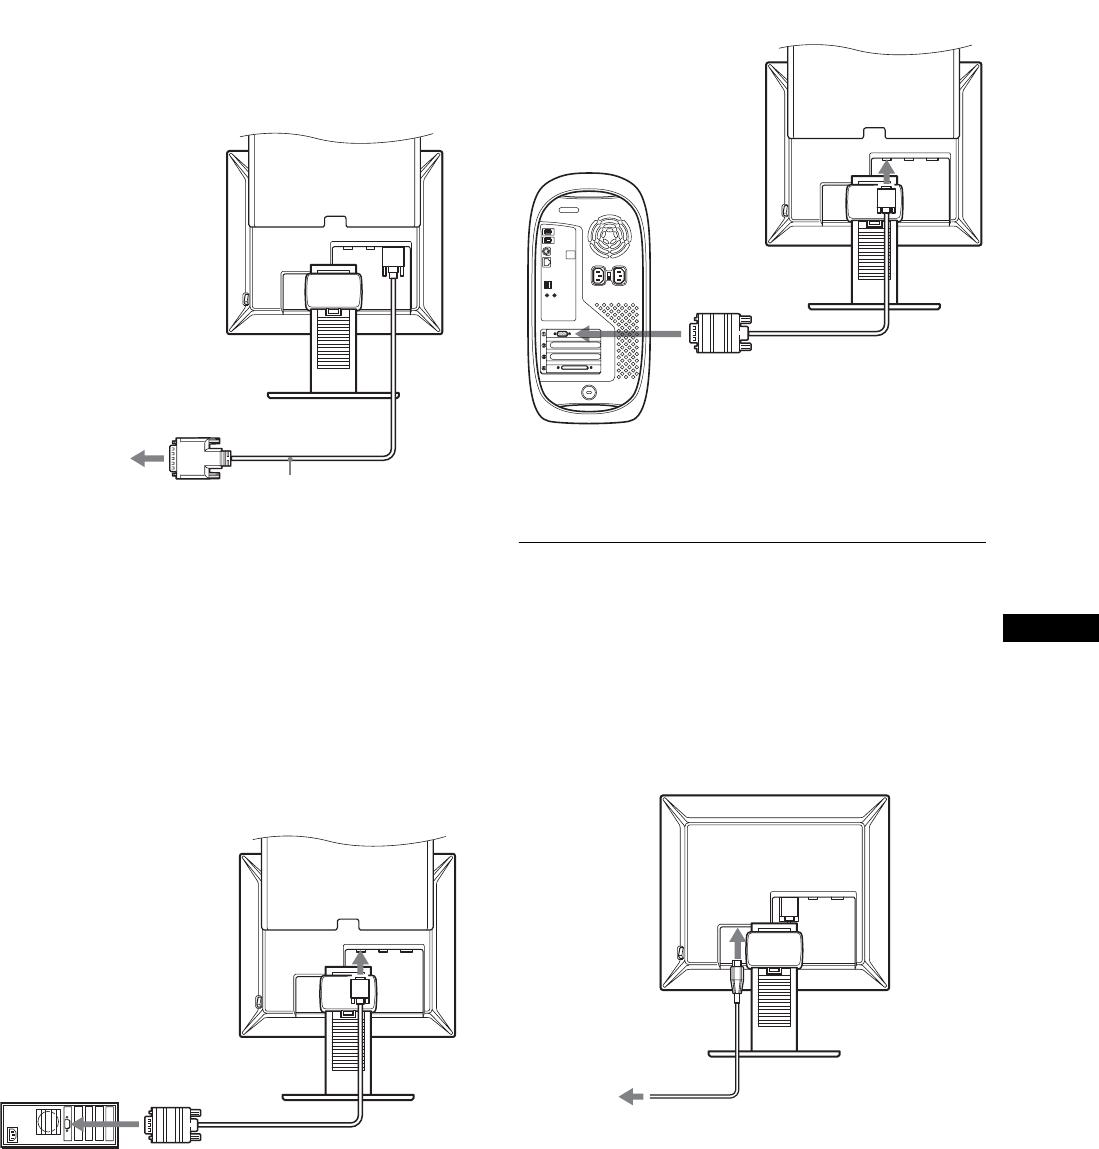 Ungewöhnlich Schalter Und Ausgangsverdrahtung Ideen - Elektrische ...